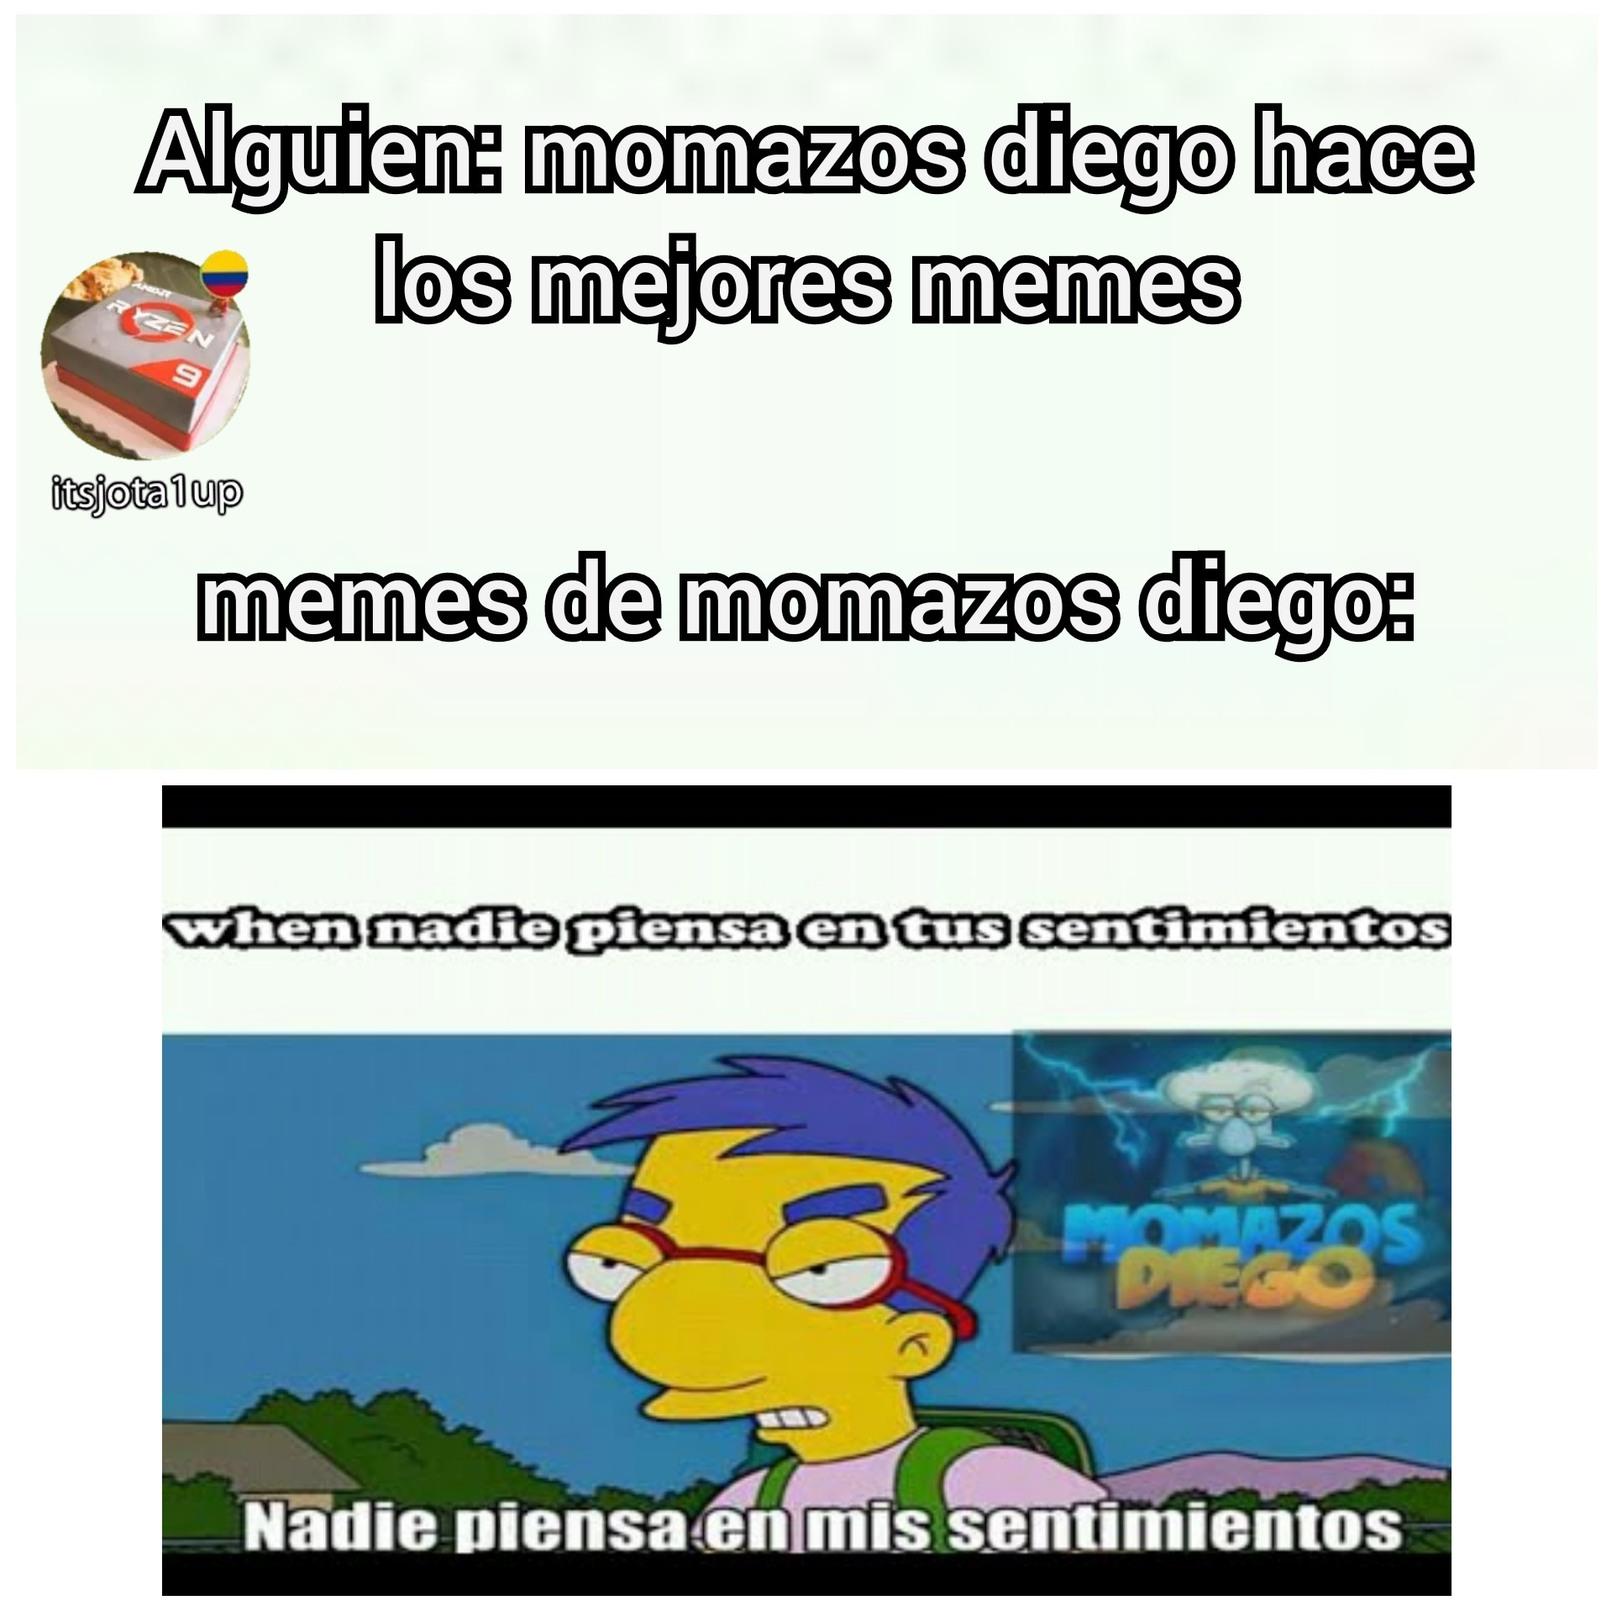 when momazos diego - meme